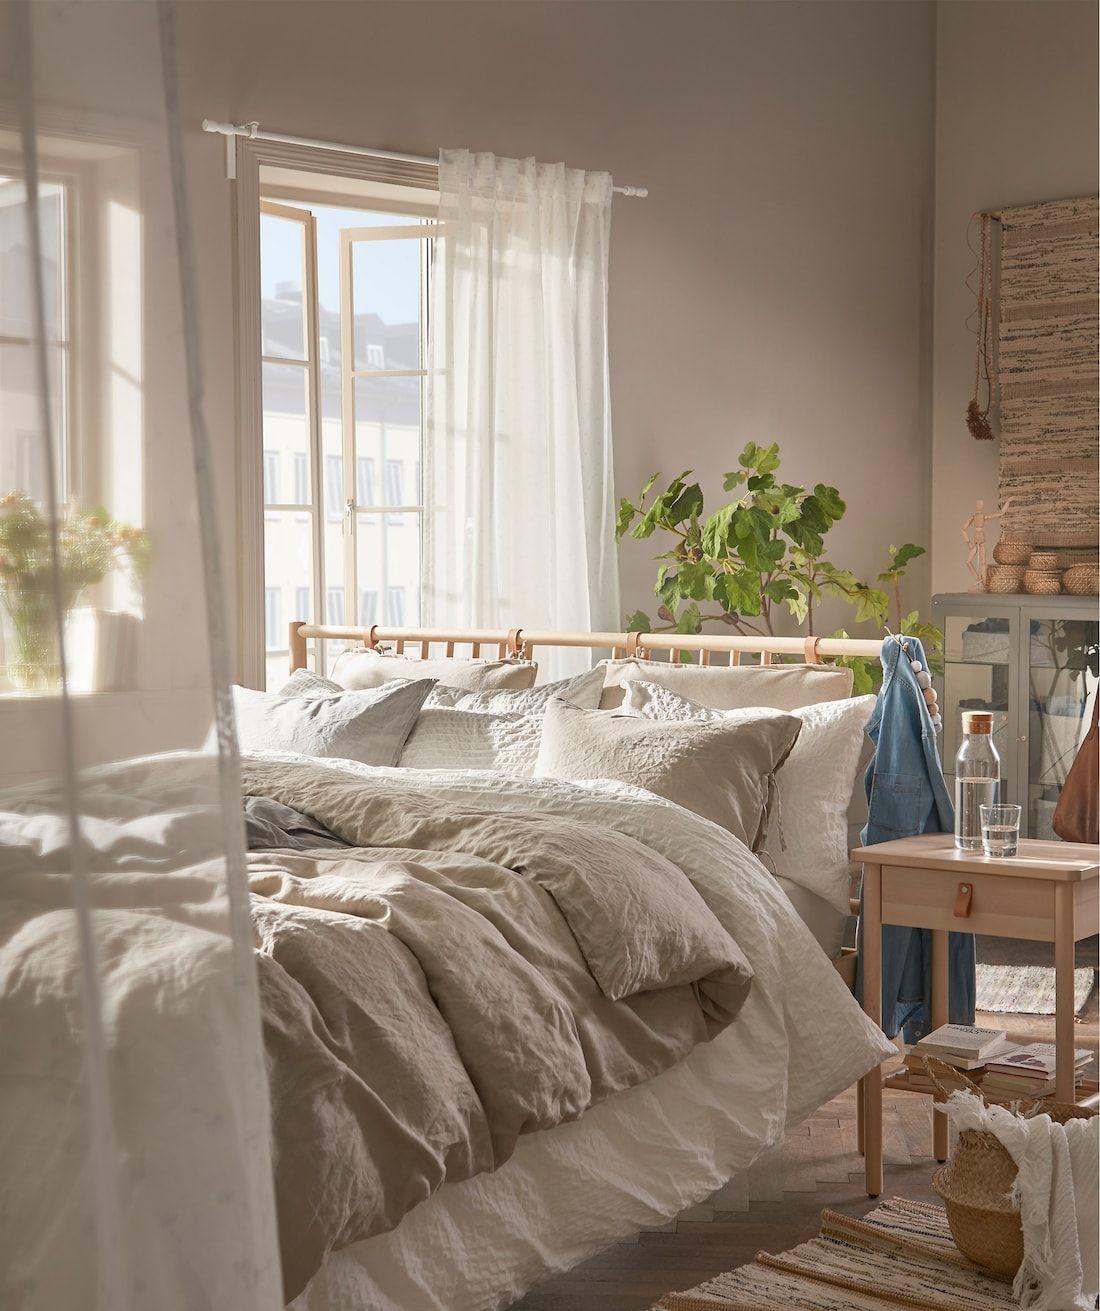 Natural Cosy Bedroom Ideas In 2020 Cosy Bedroom Natural Bedroom Bedroom Color Schemes